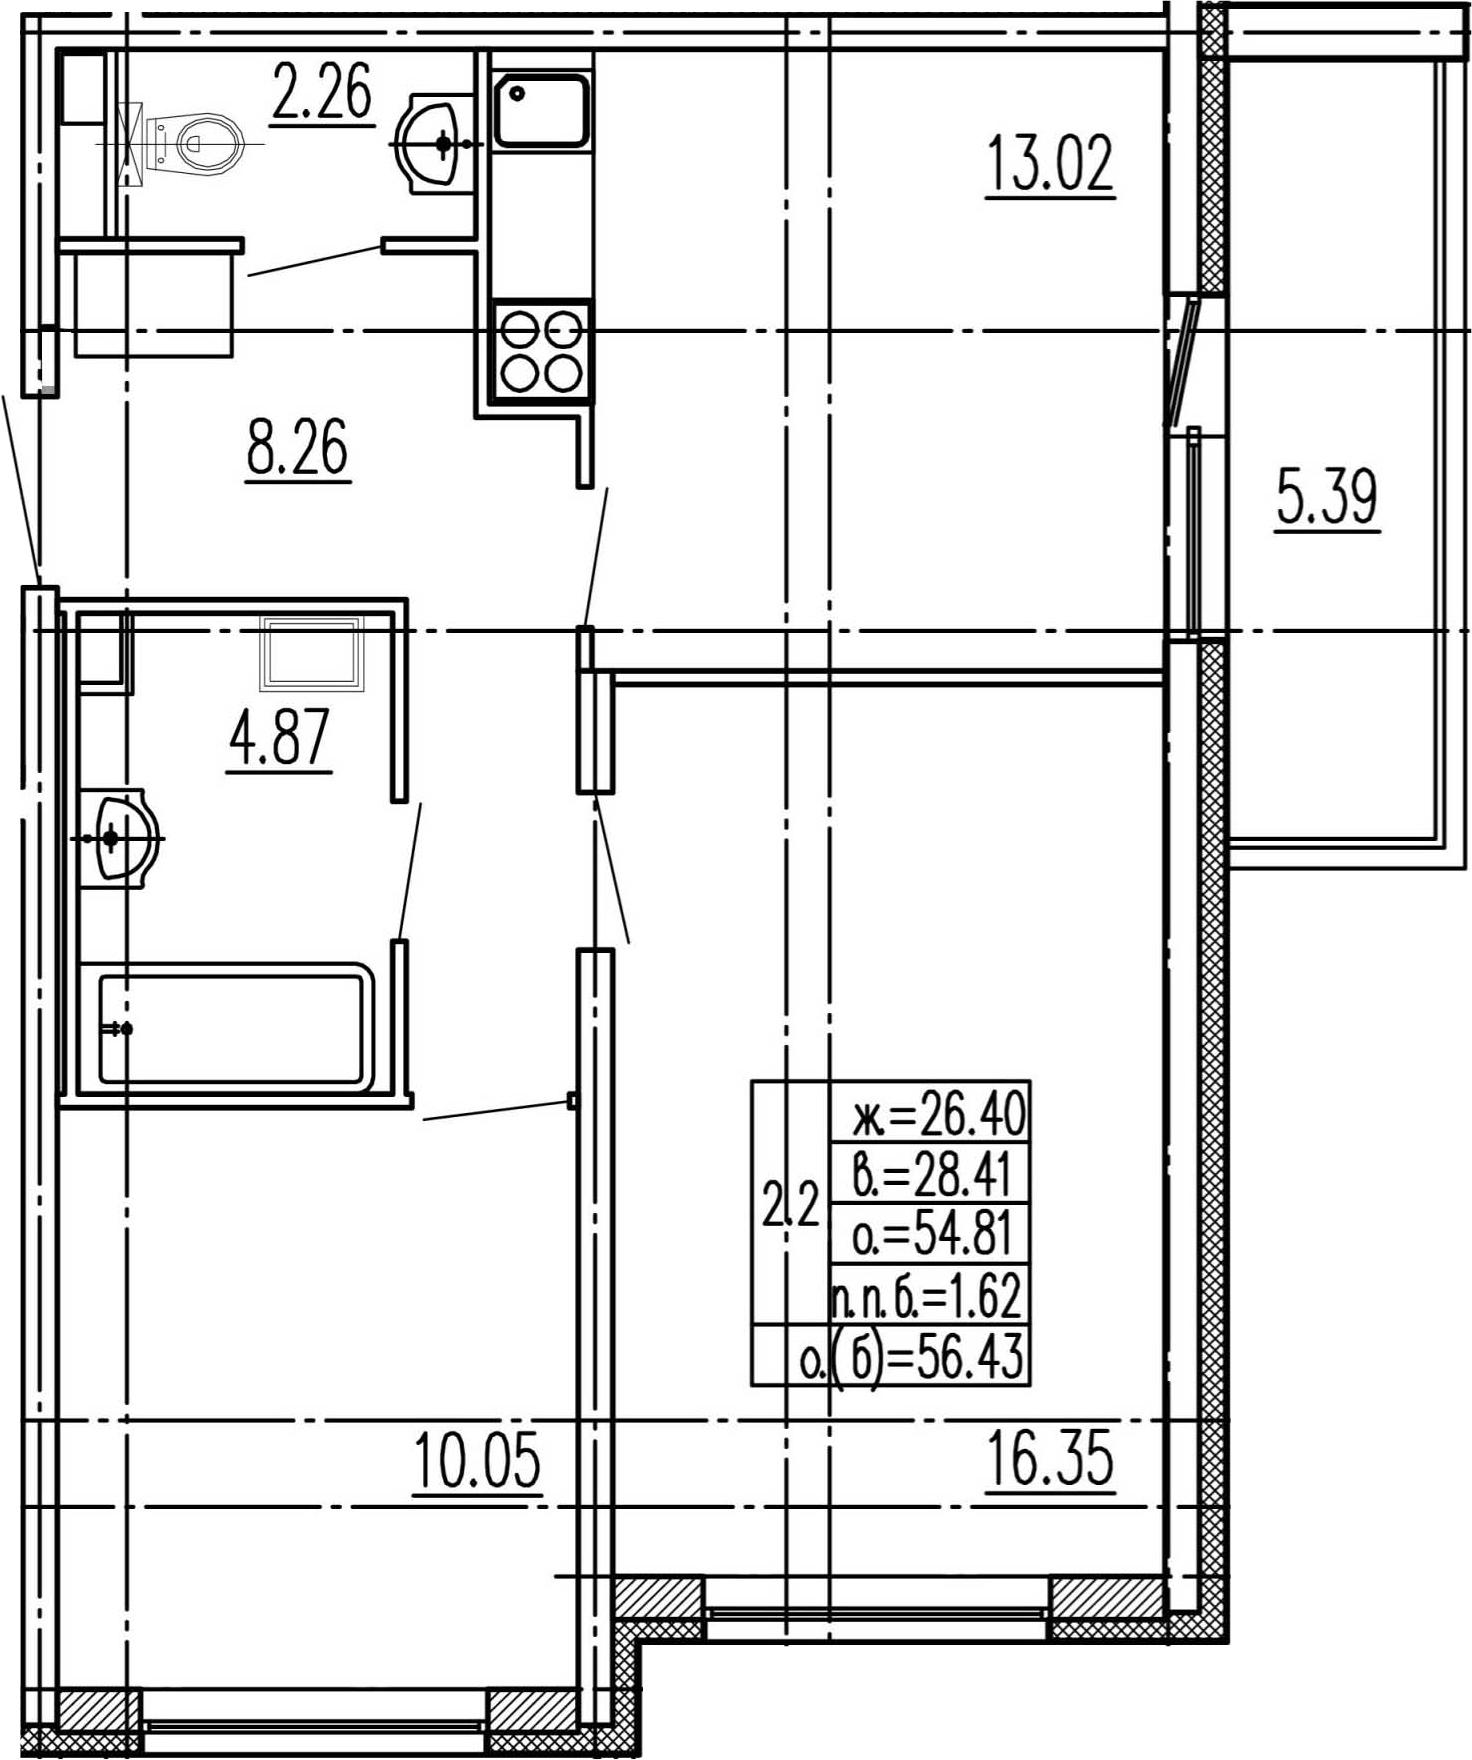 2-комнатная, 54.81 м²– 2